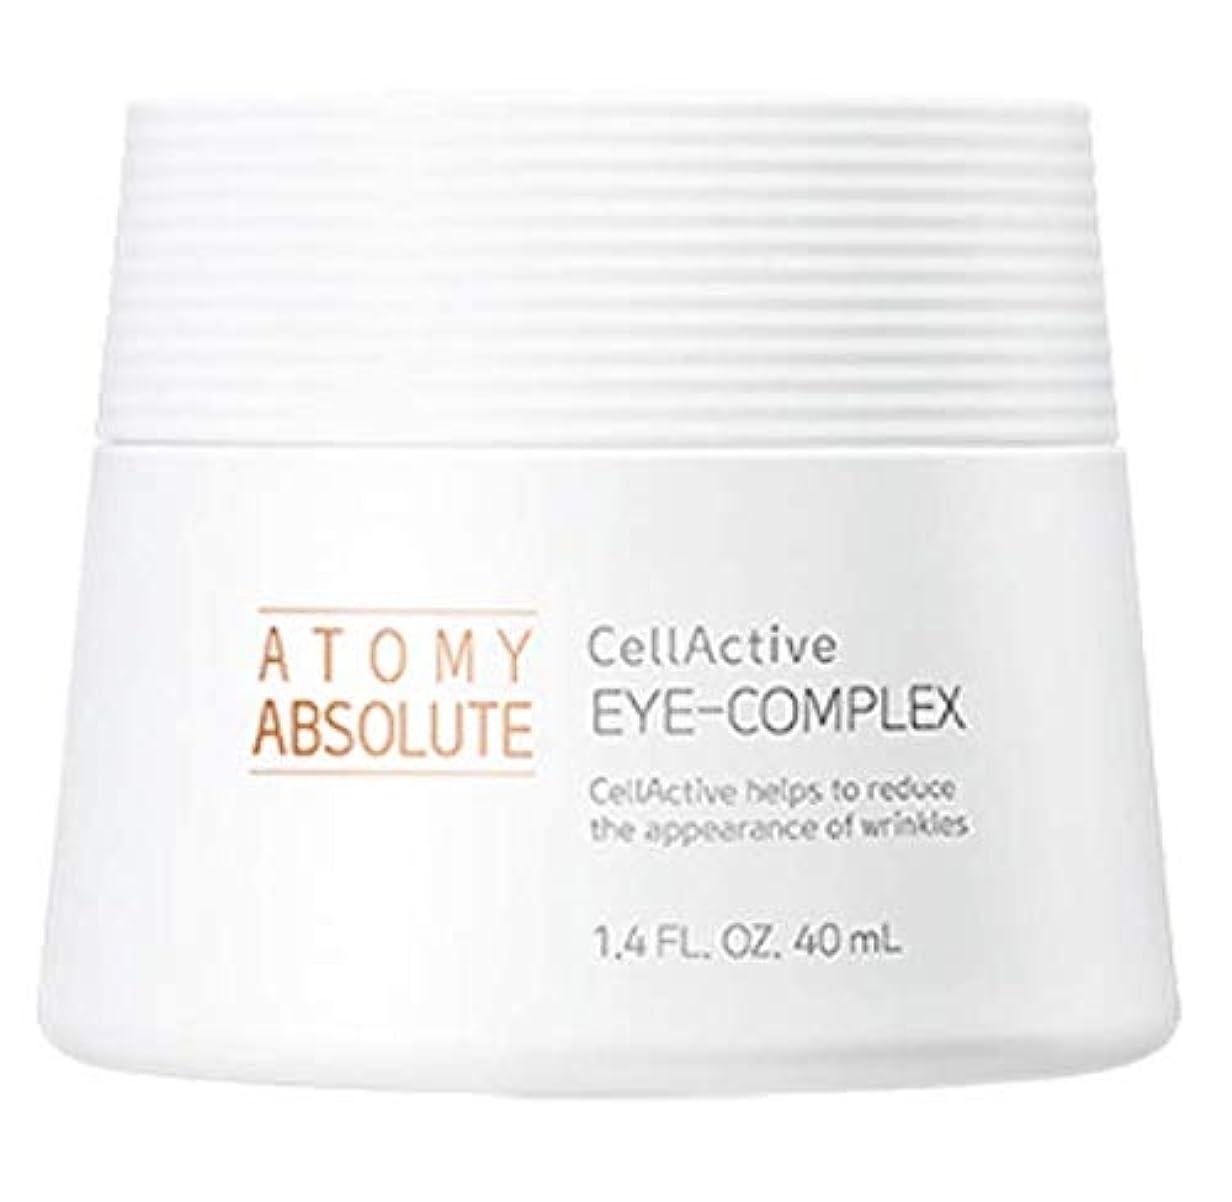 マウスピース高揚した見出しアトミエイソルート セレクティブ アイクリームAtomy Celective Absolute Eye-Complex 40ml [並行輸入品]